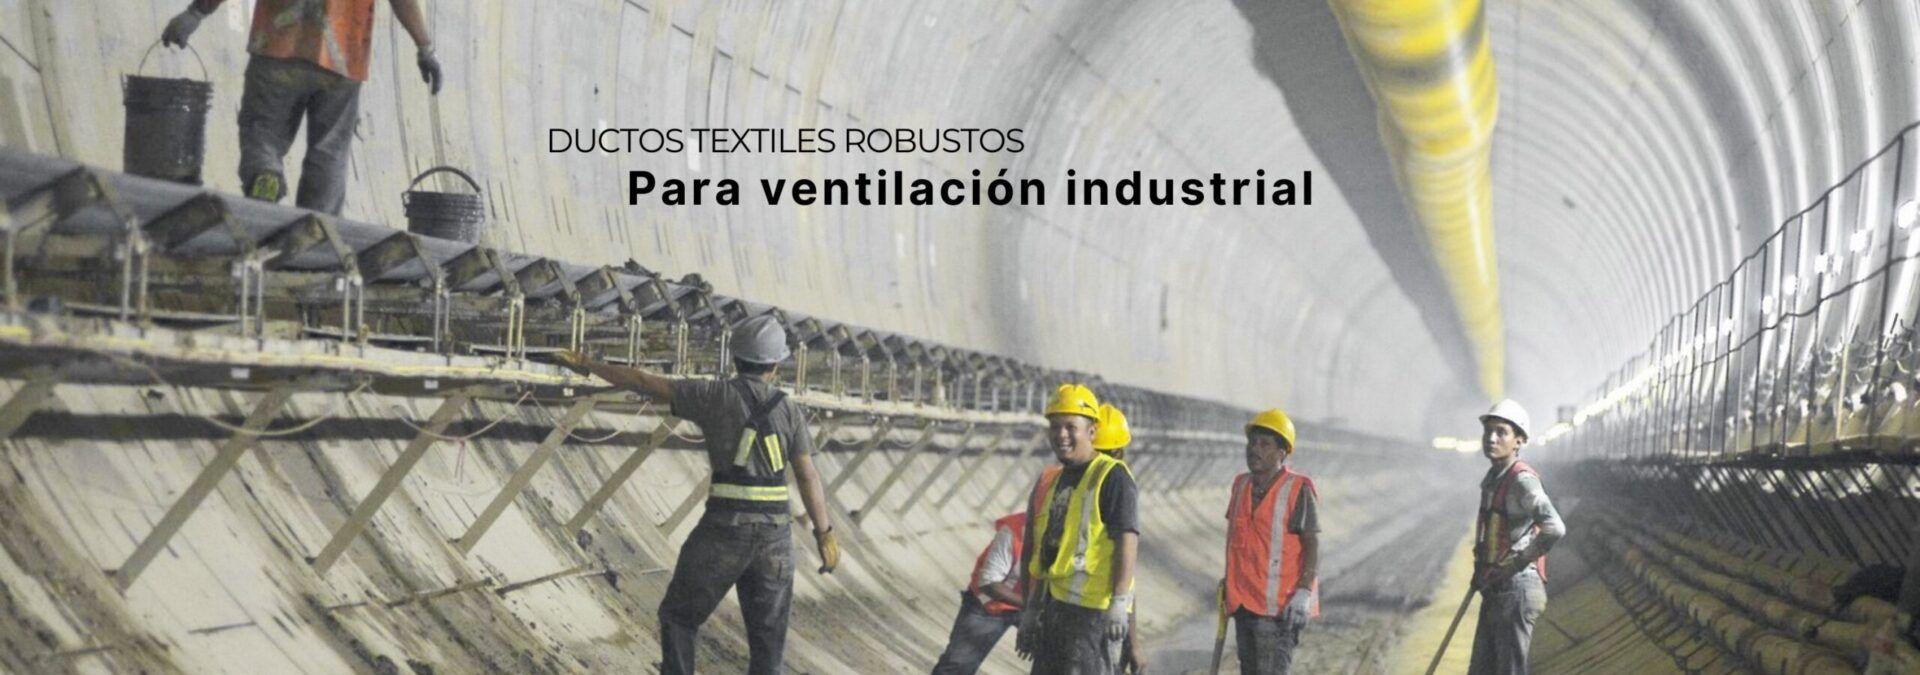 Ductos Textiles robustos